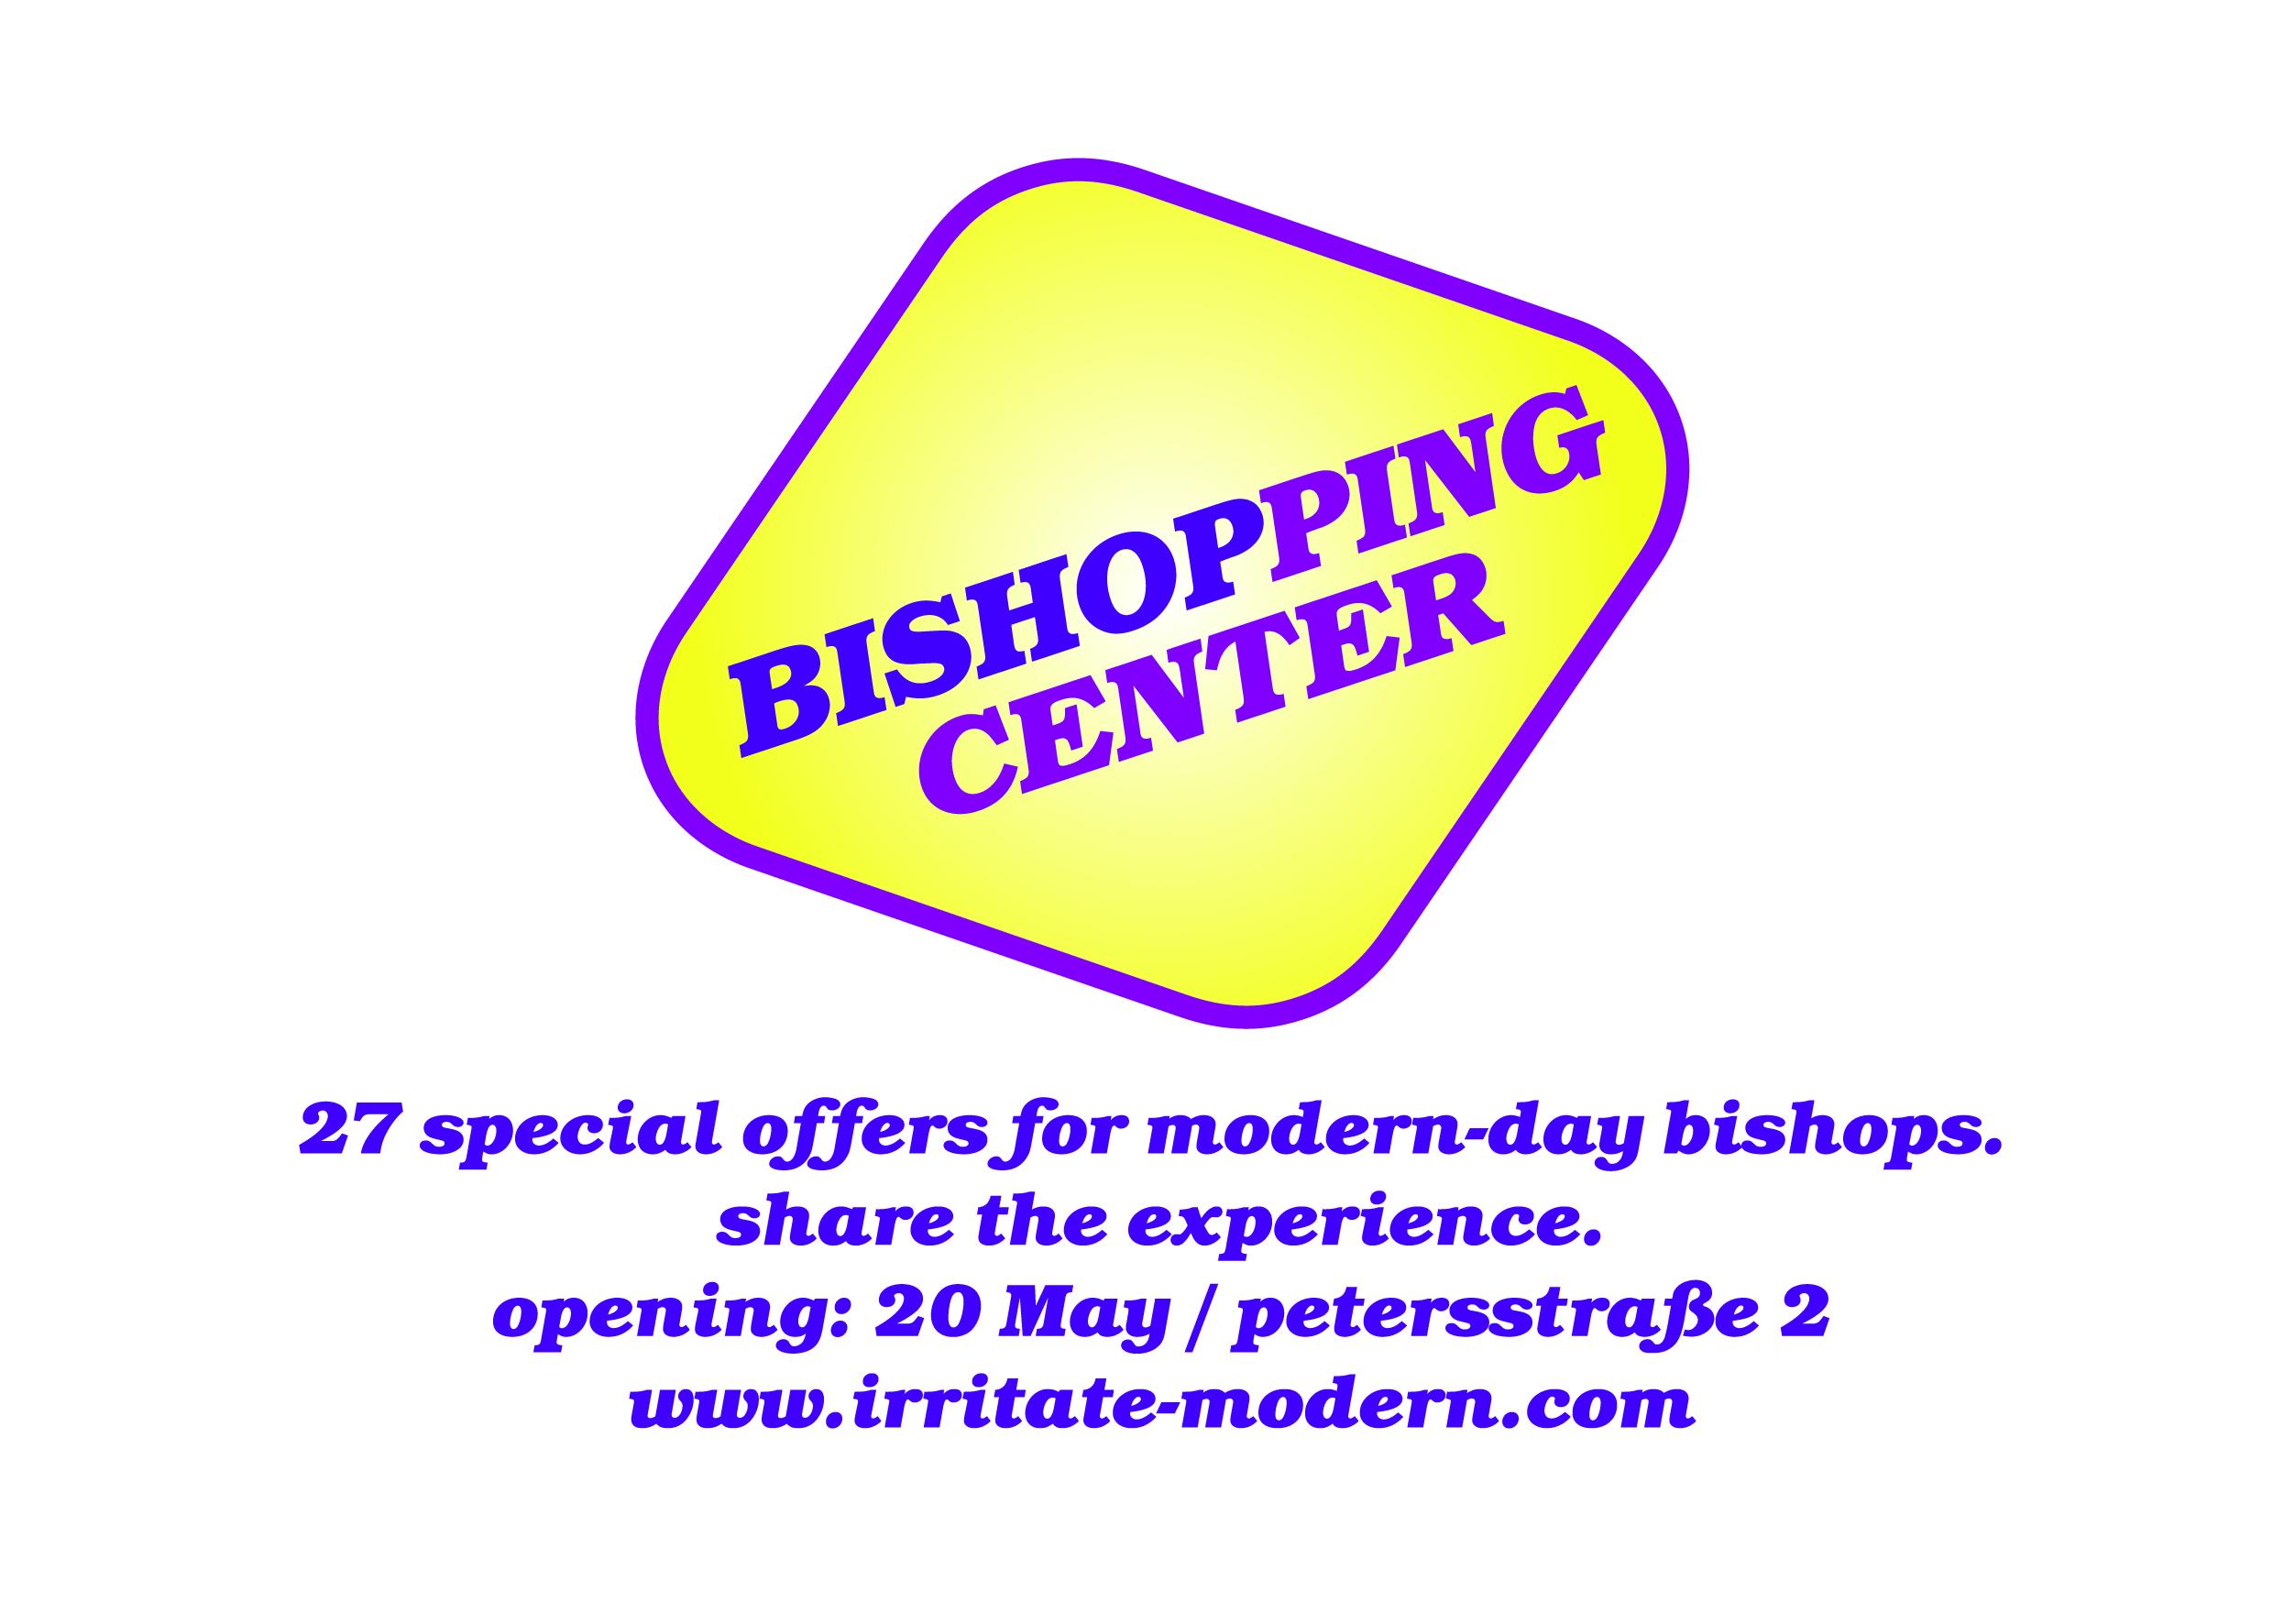 Bishopping Center